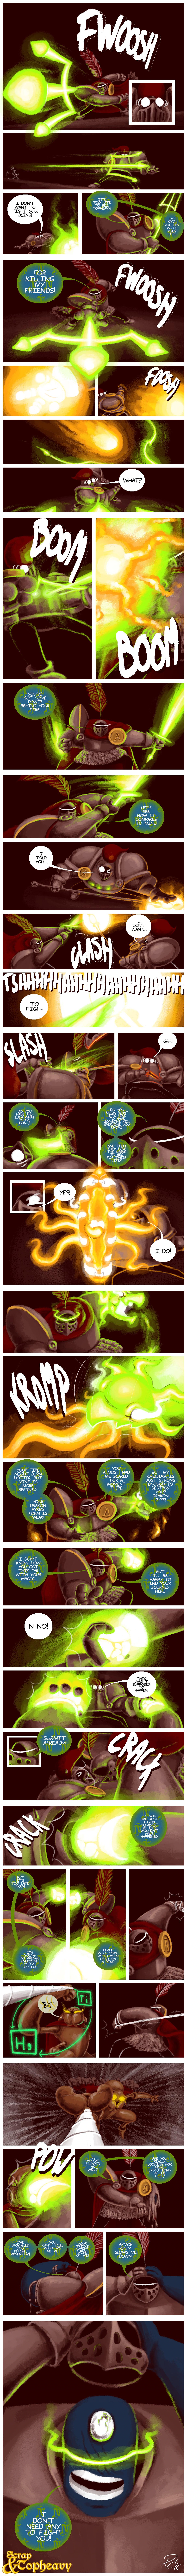 Comic47.jpg